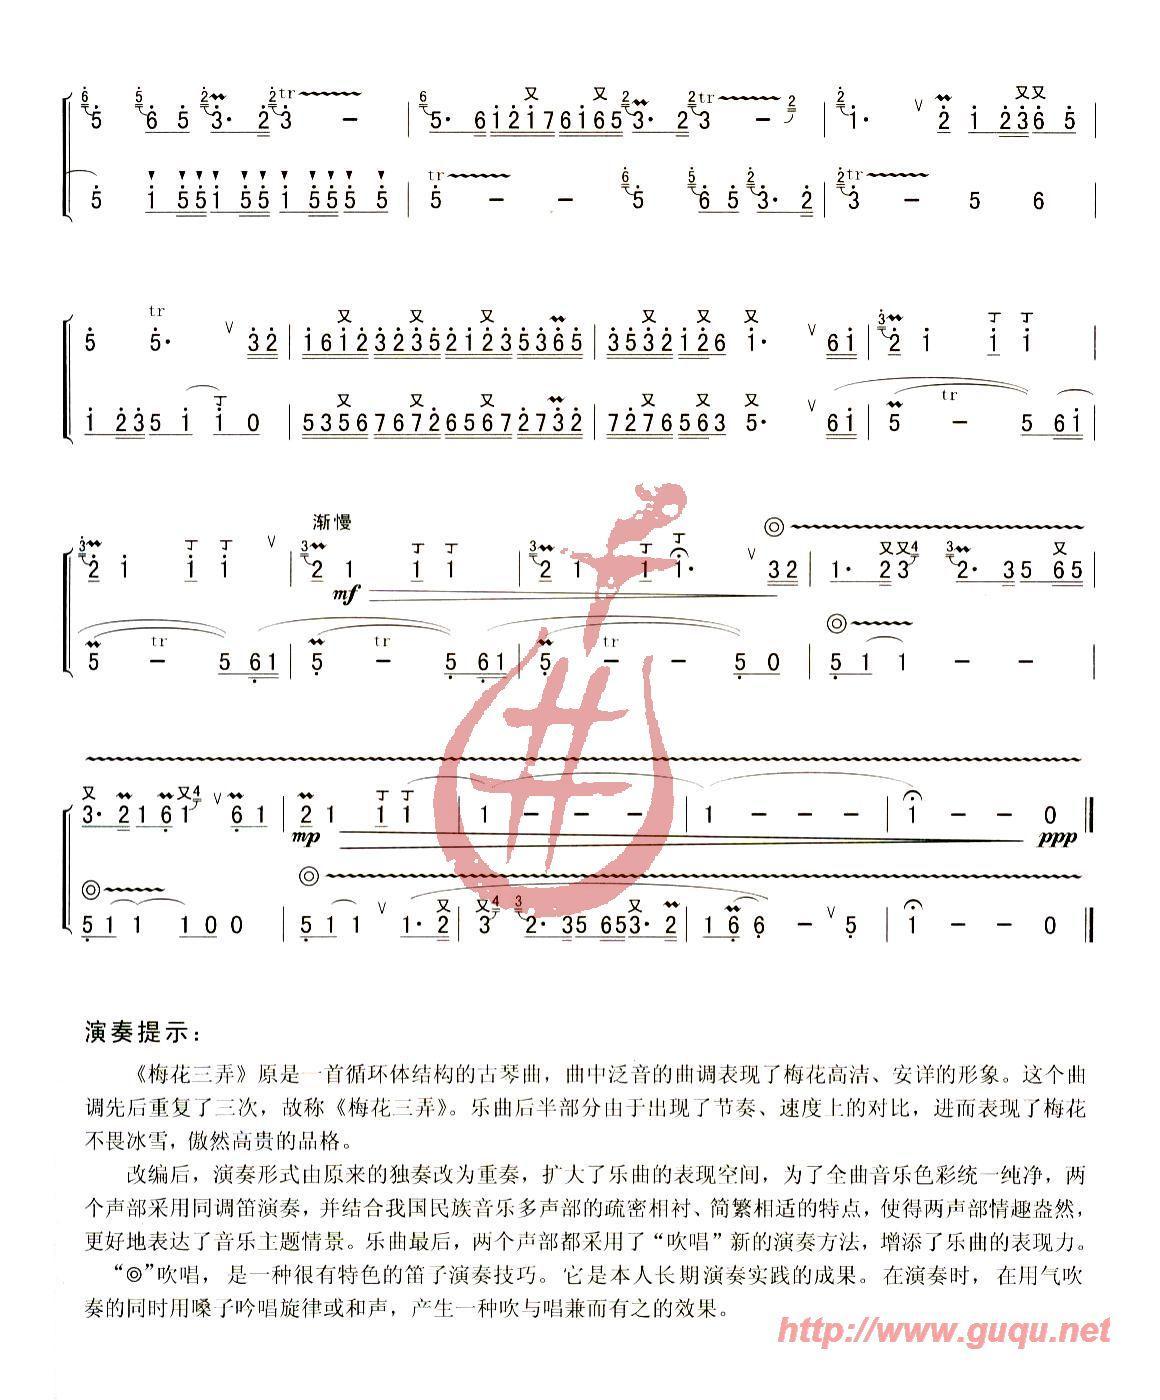 中国古曲网 音乐曲谱 笛箫曲谱 > 曲谱信息      梅花三弄,笛子二重